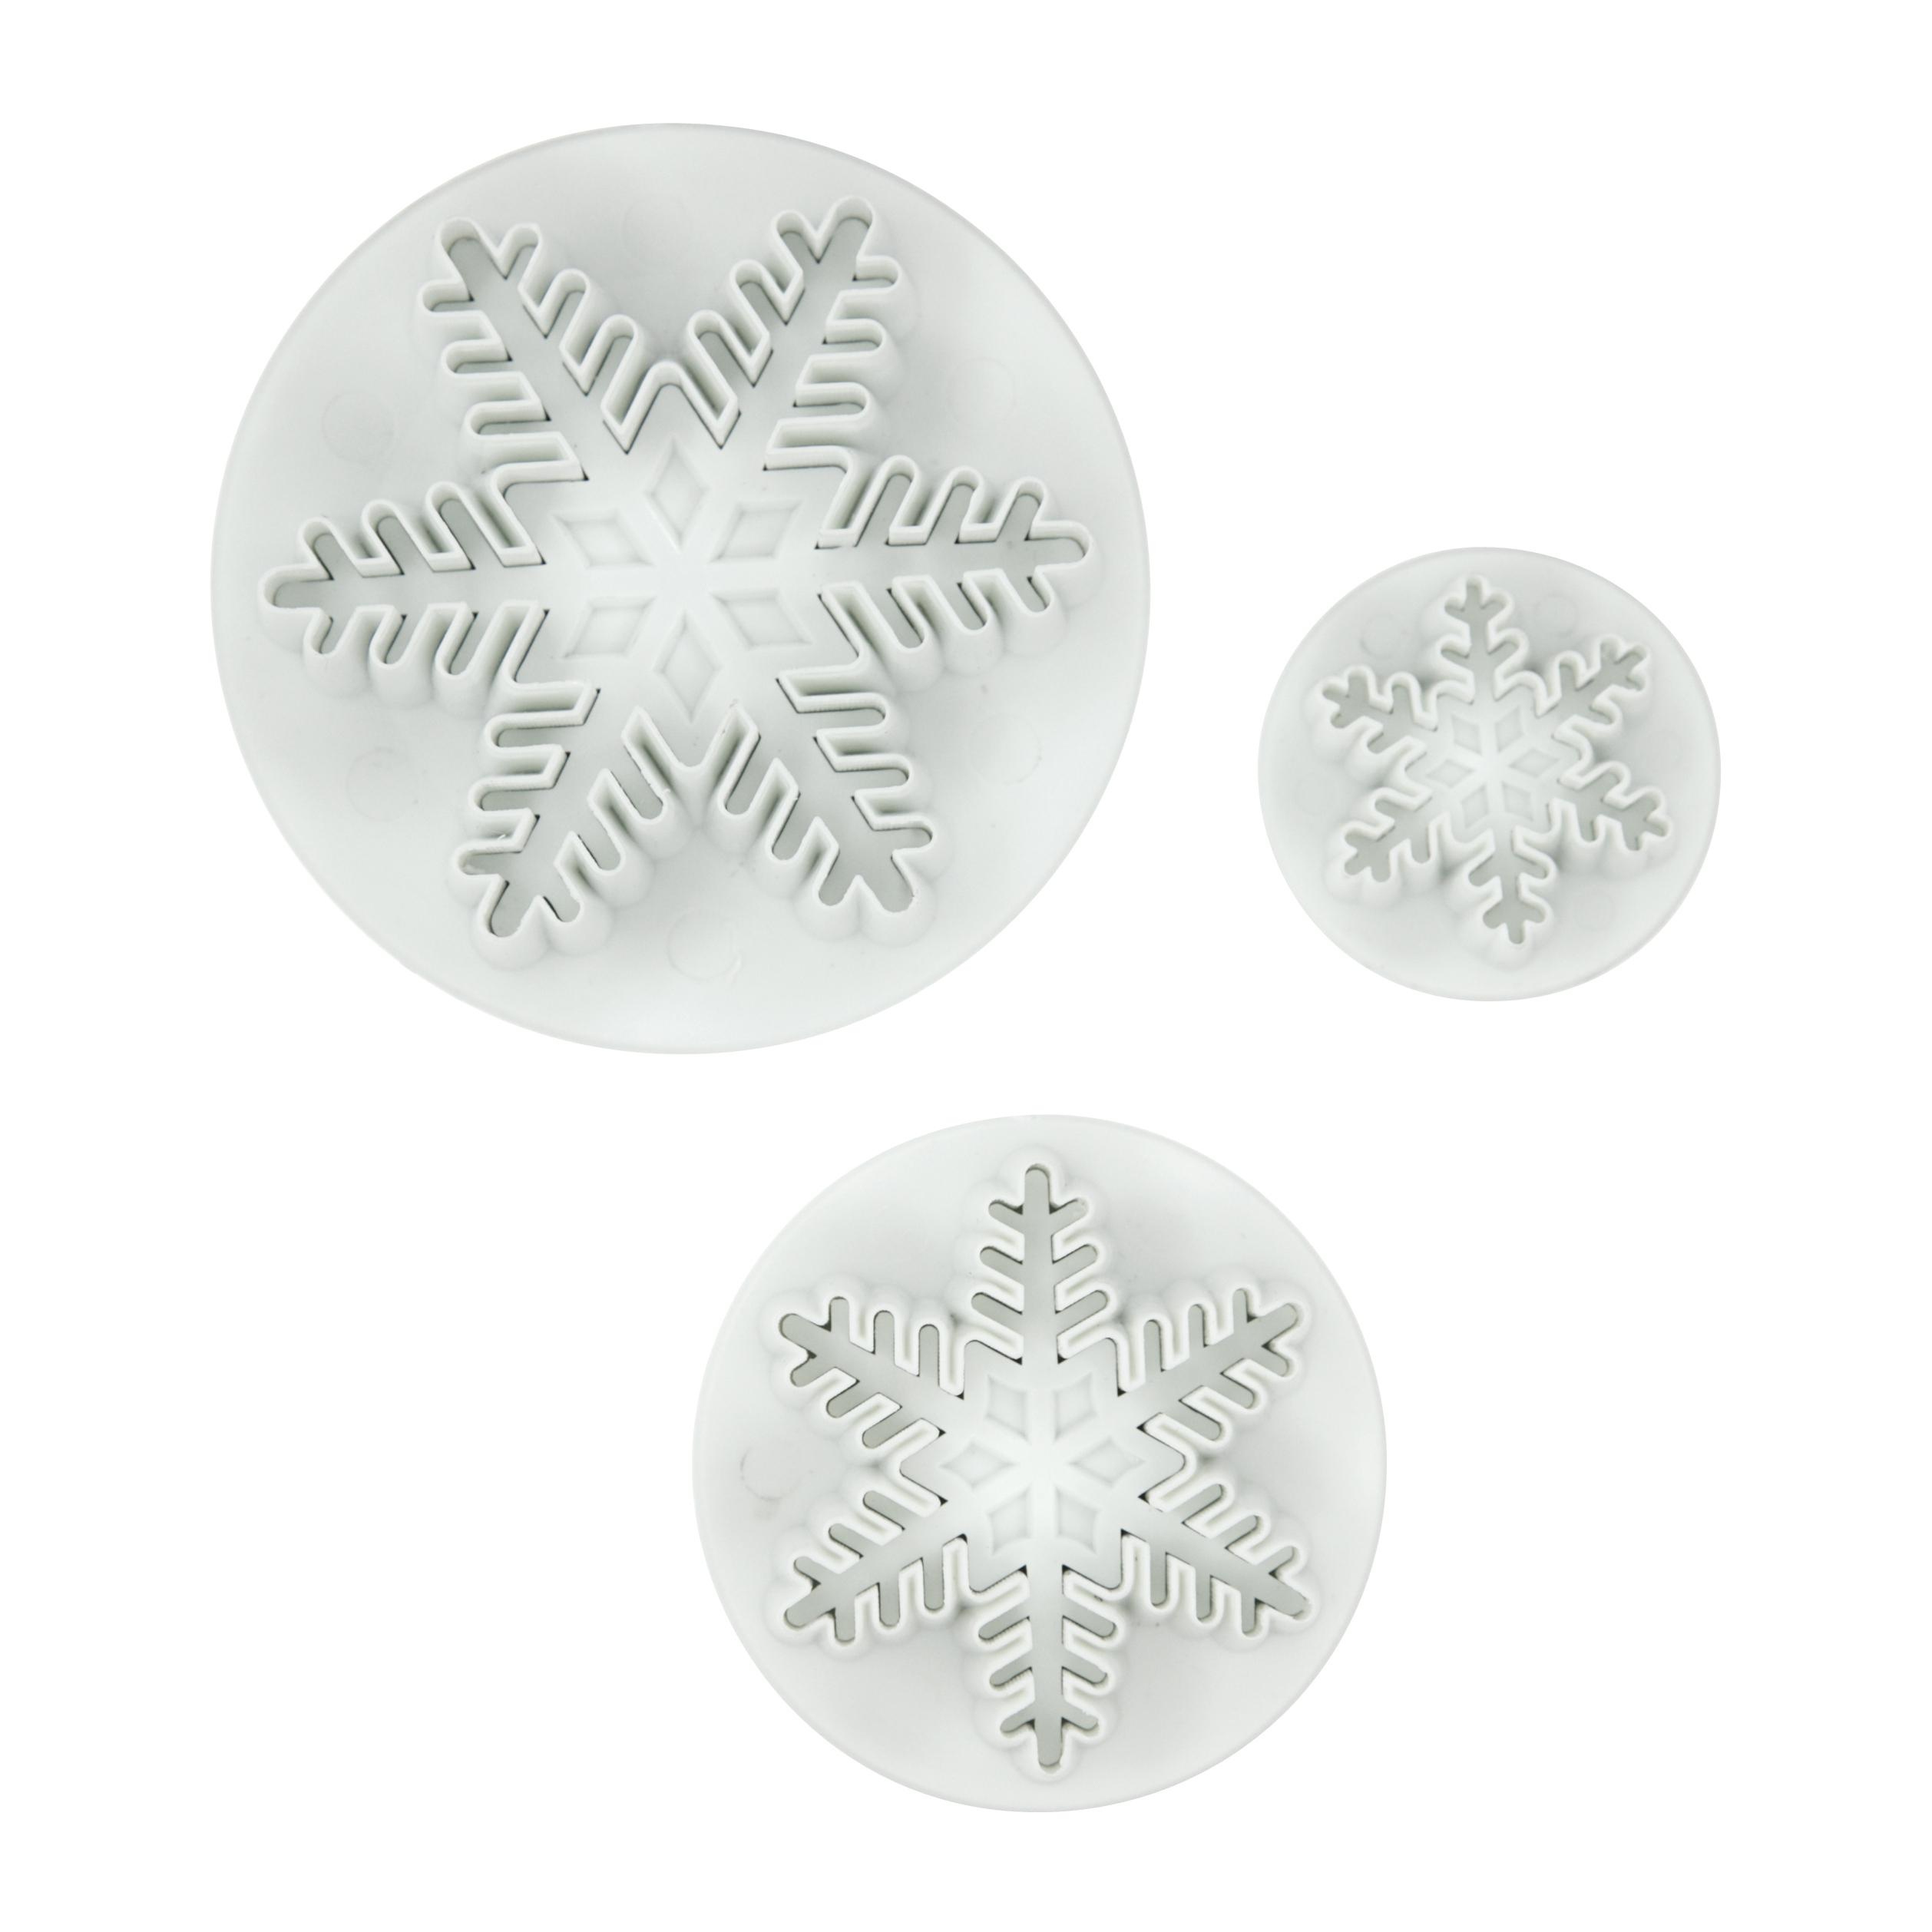 Foxrun 3 Piece Fondant Snowflake Plunger Cutter Set